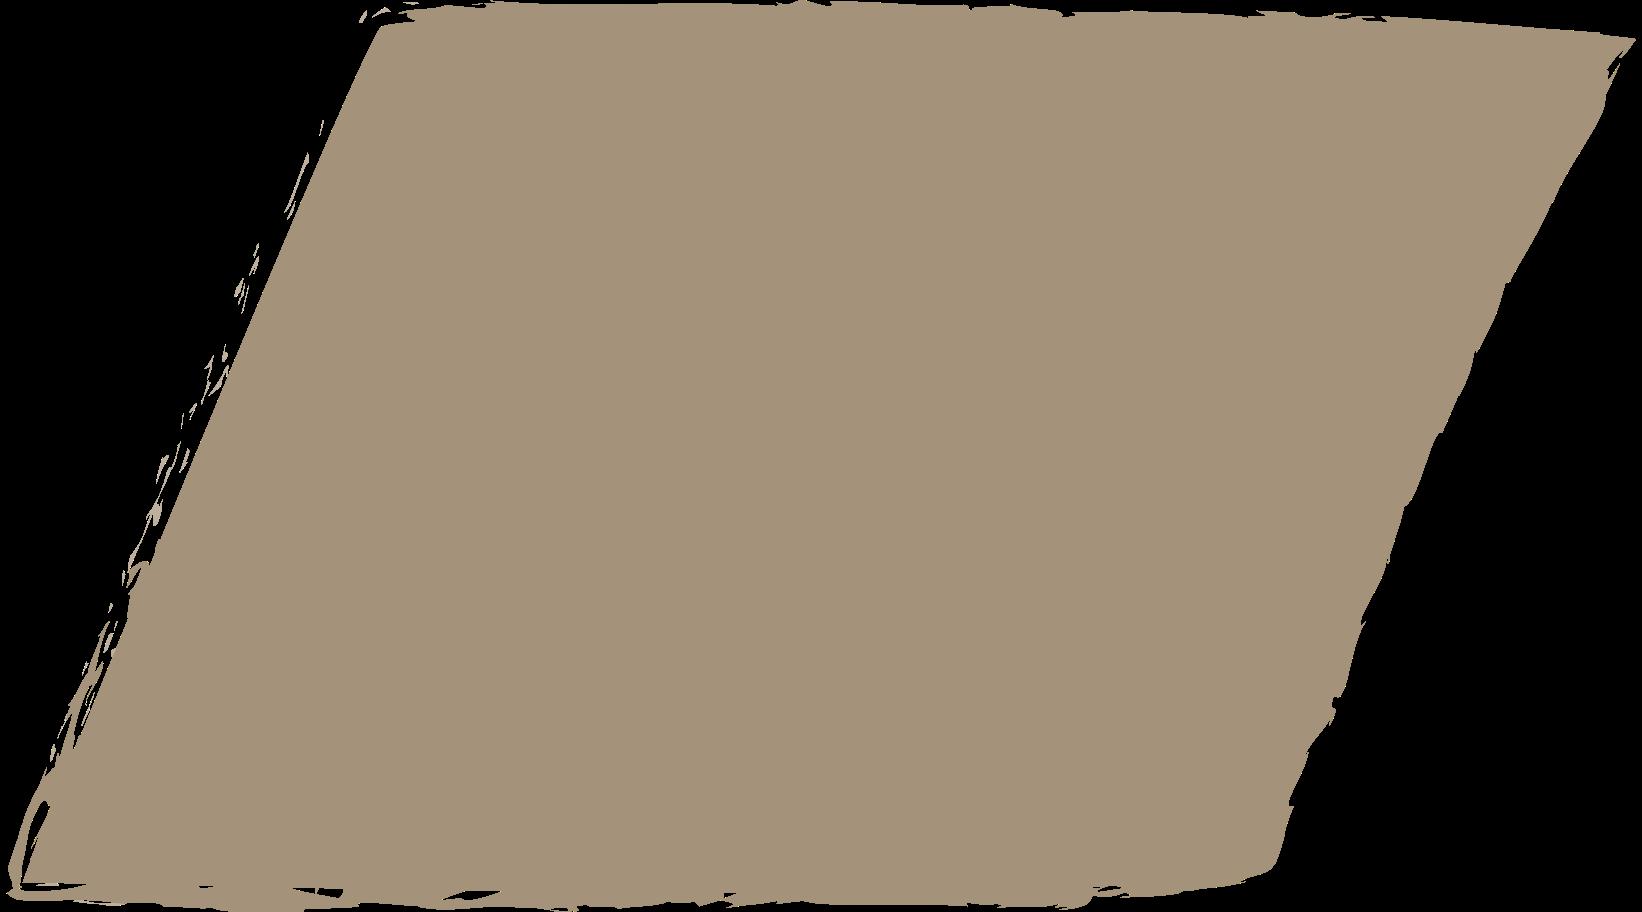 parallelogram-grey Clipart illustration in PNG, SVG